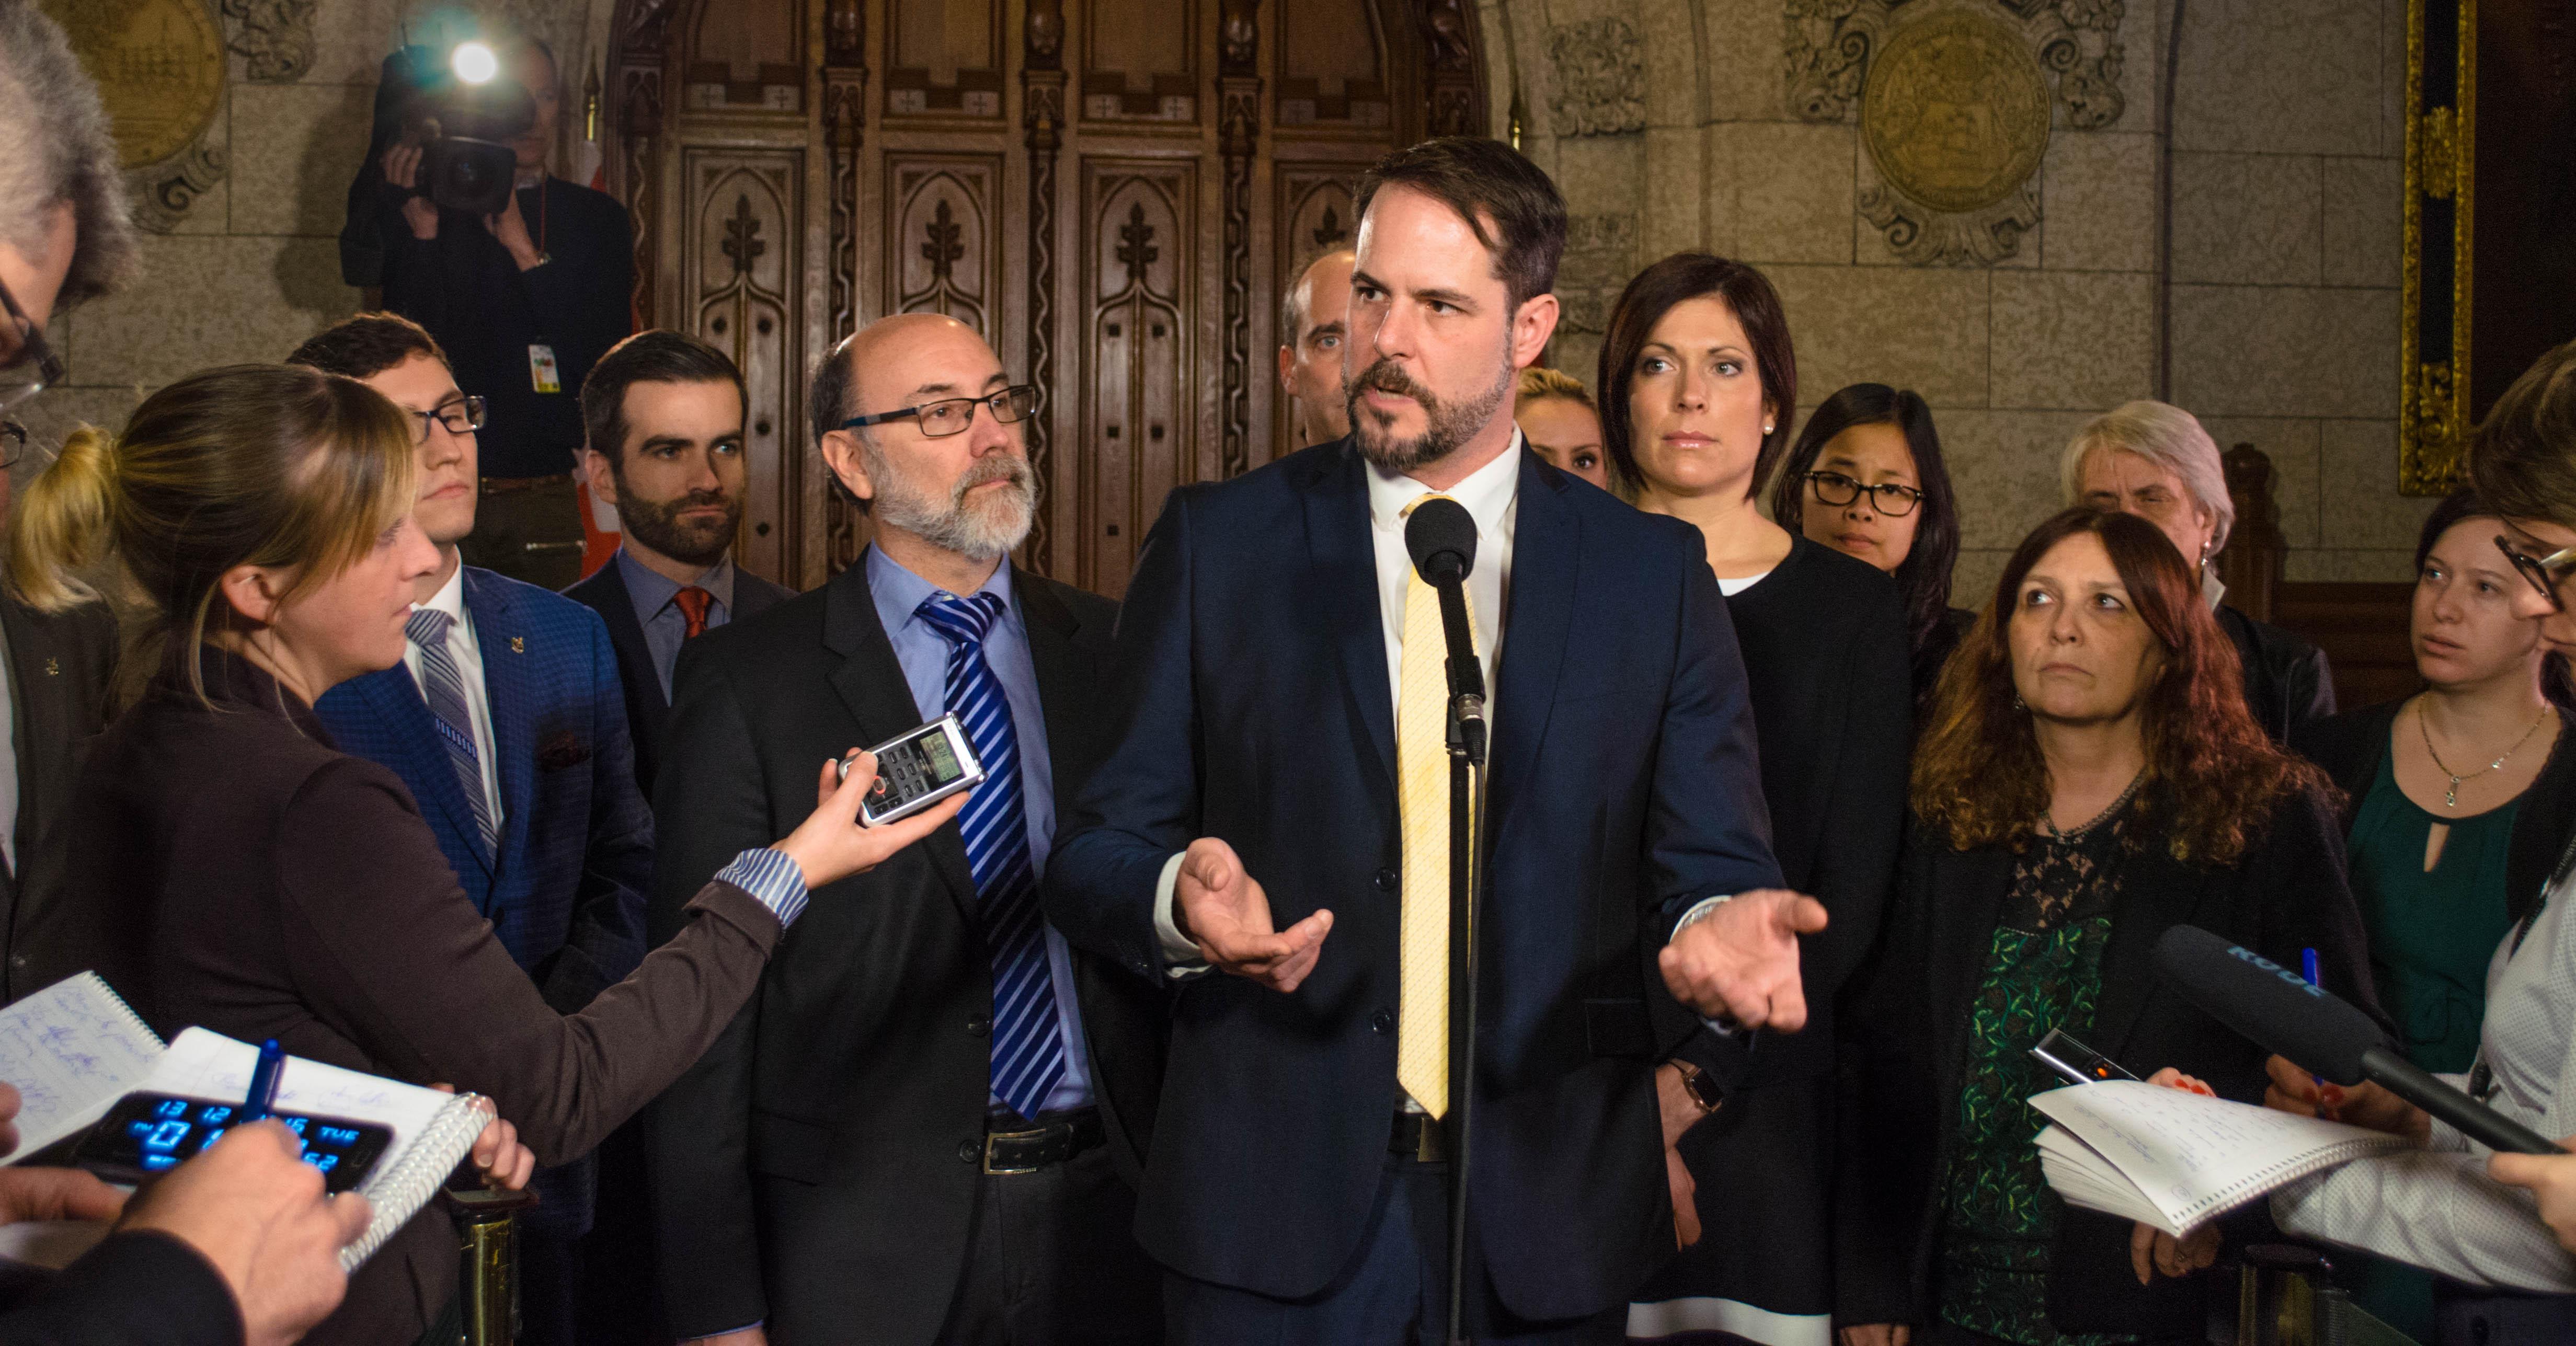 BILAN QUÉBEC: Où sont les 40 députés libéraux du Québec?